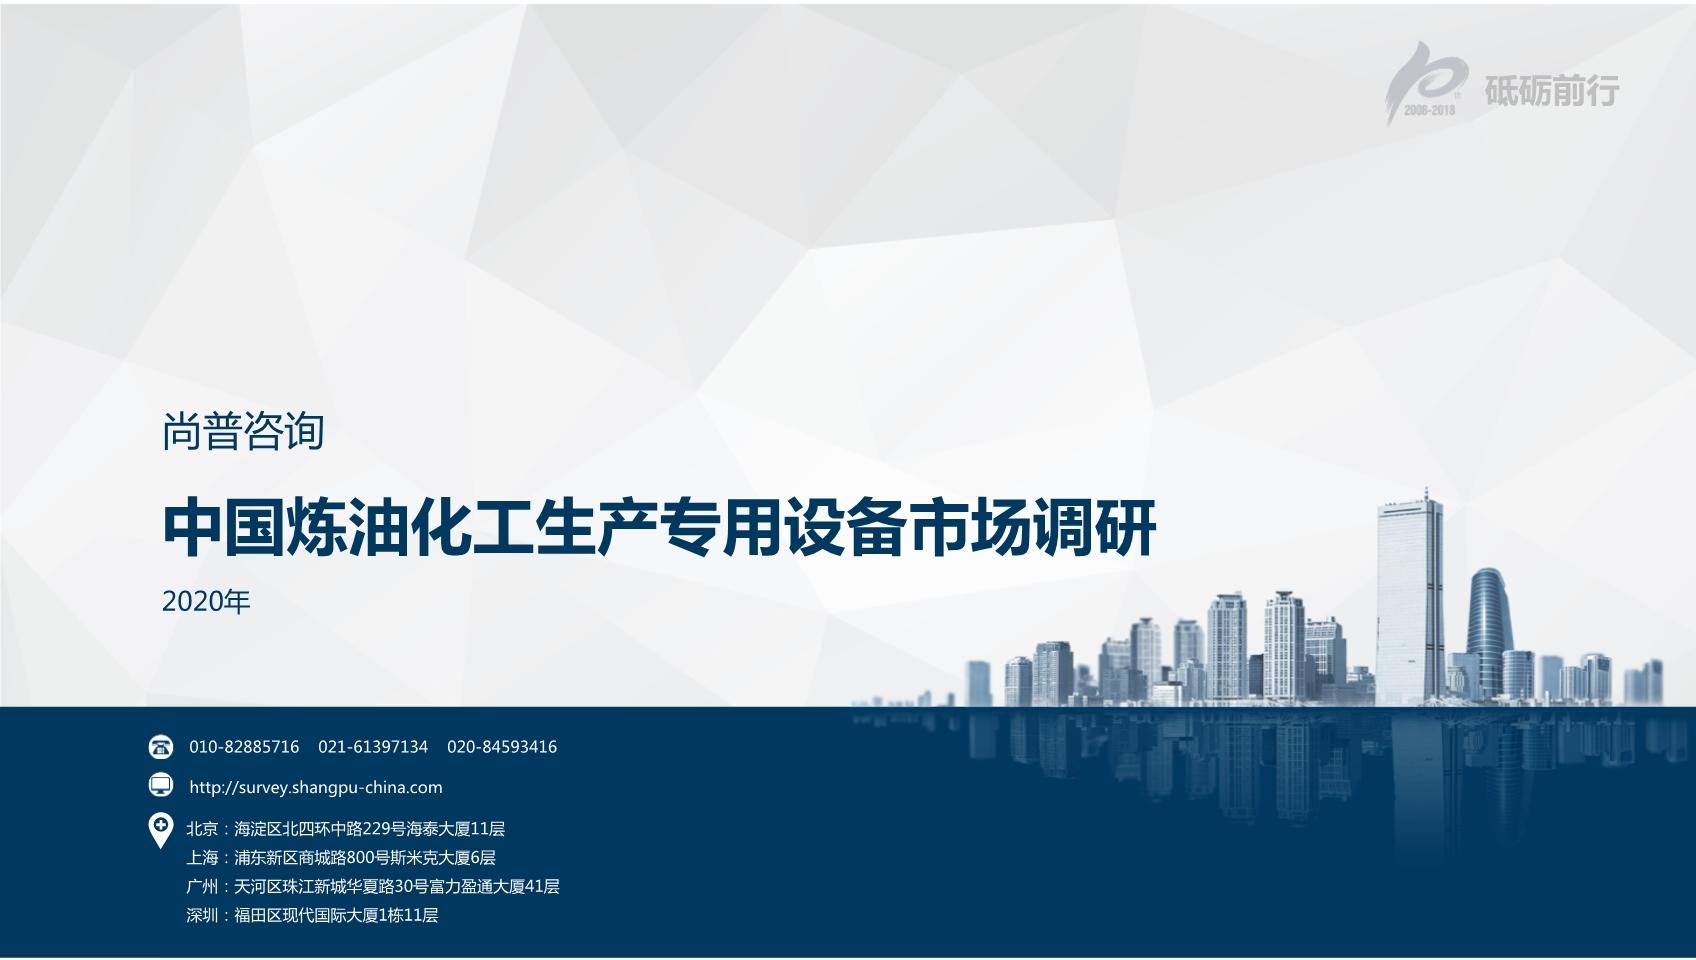 尚普咨询:2020年中国炼油化工生产专用设备市场调研